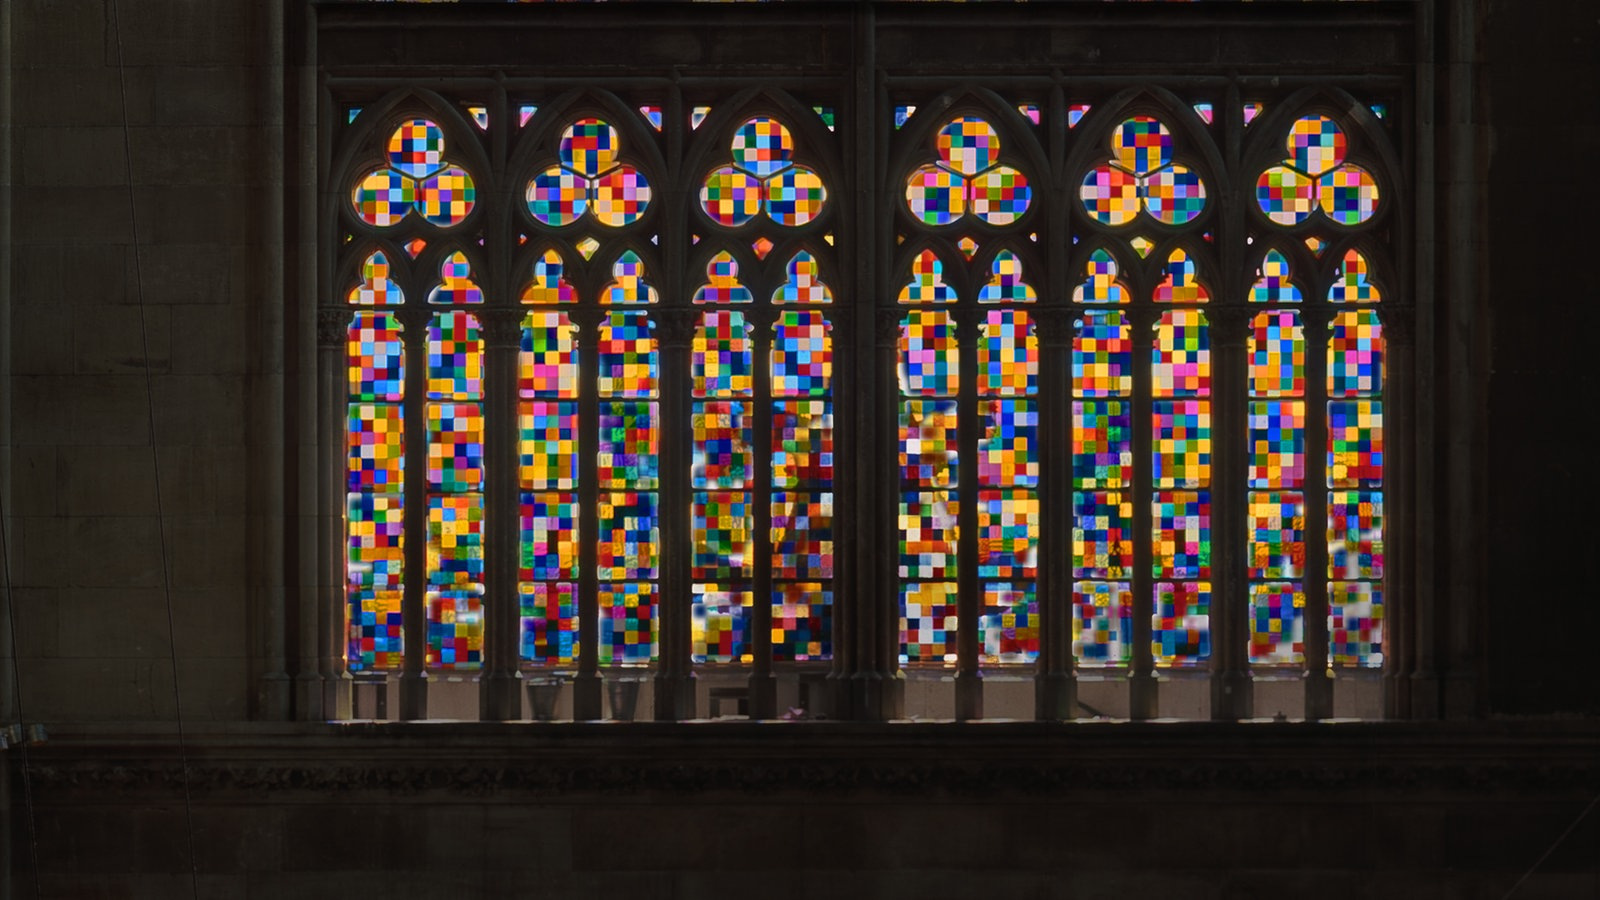 Full Size of Fenster Köln Gerhard Richter Domfenster Klner Dom Kunst Kultur Wdr Marken Welten Velux Preise Plissee Braun De Drutex Einbruchschutz Nachrüsten Jalousie Fenster Fenster Köln